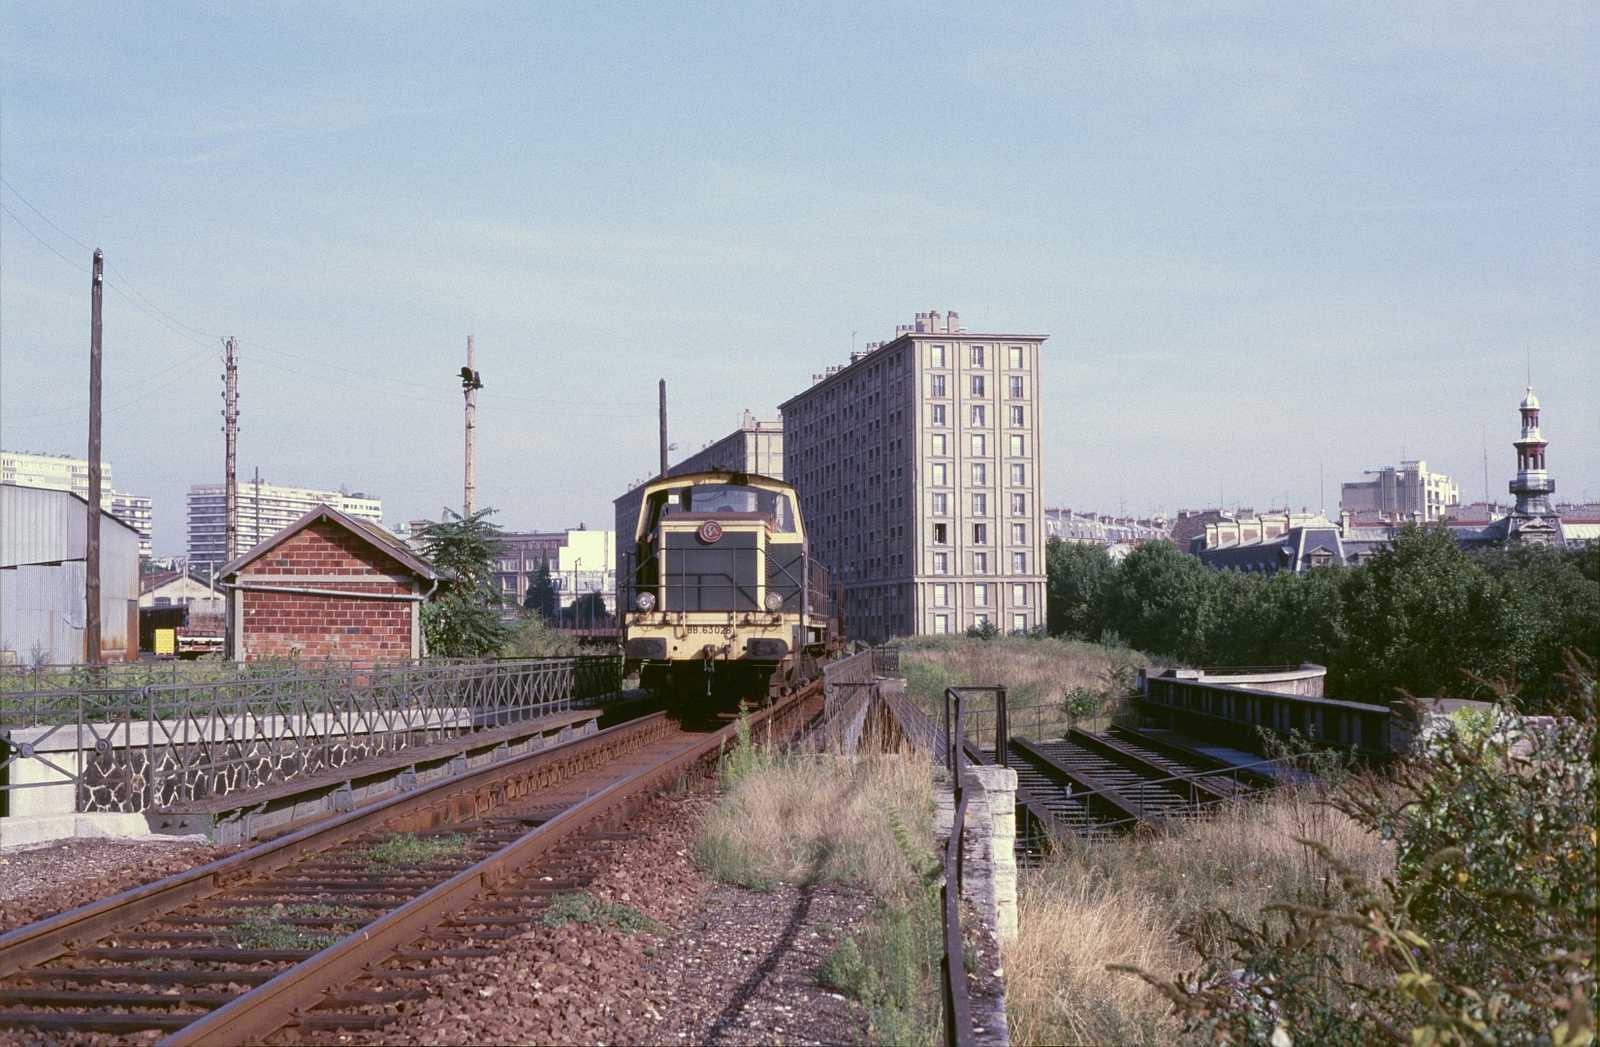 Gare de Reuilly